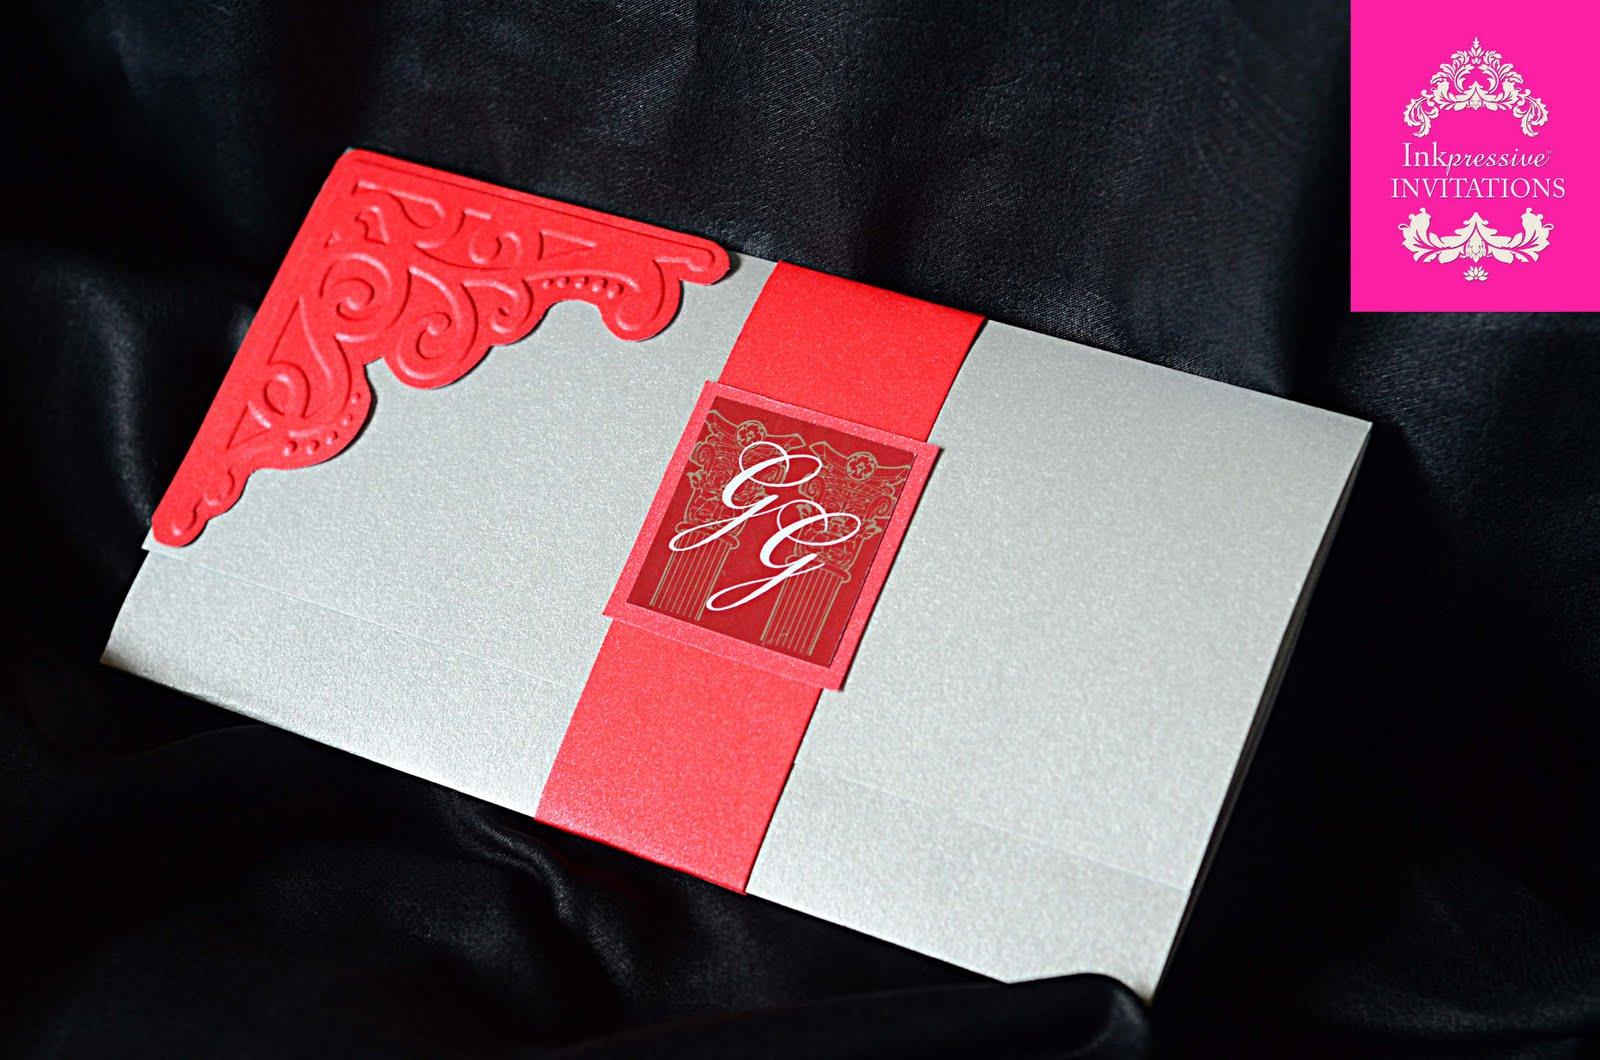 Red And Silver Wedding Invitation Inkpressive Invitations